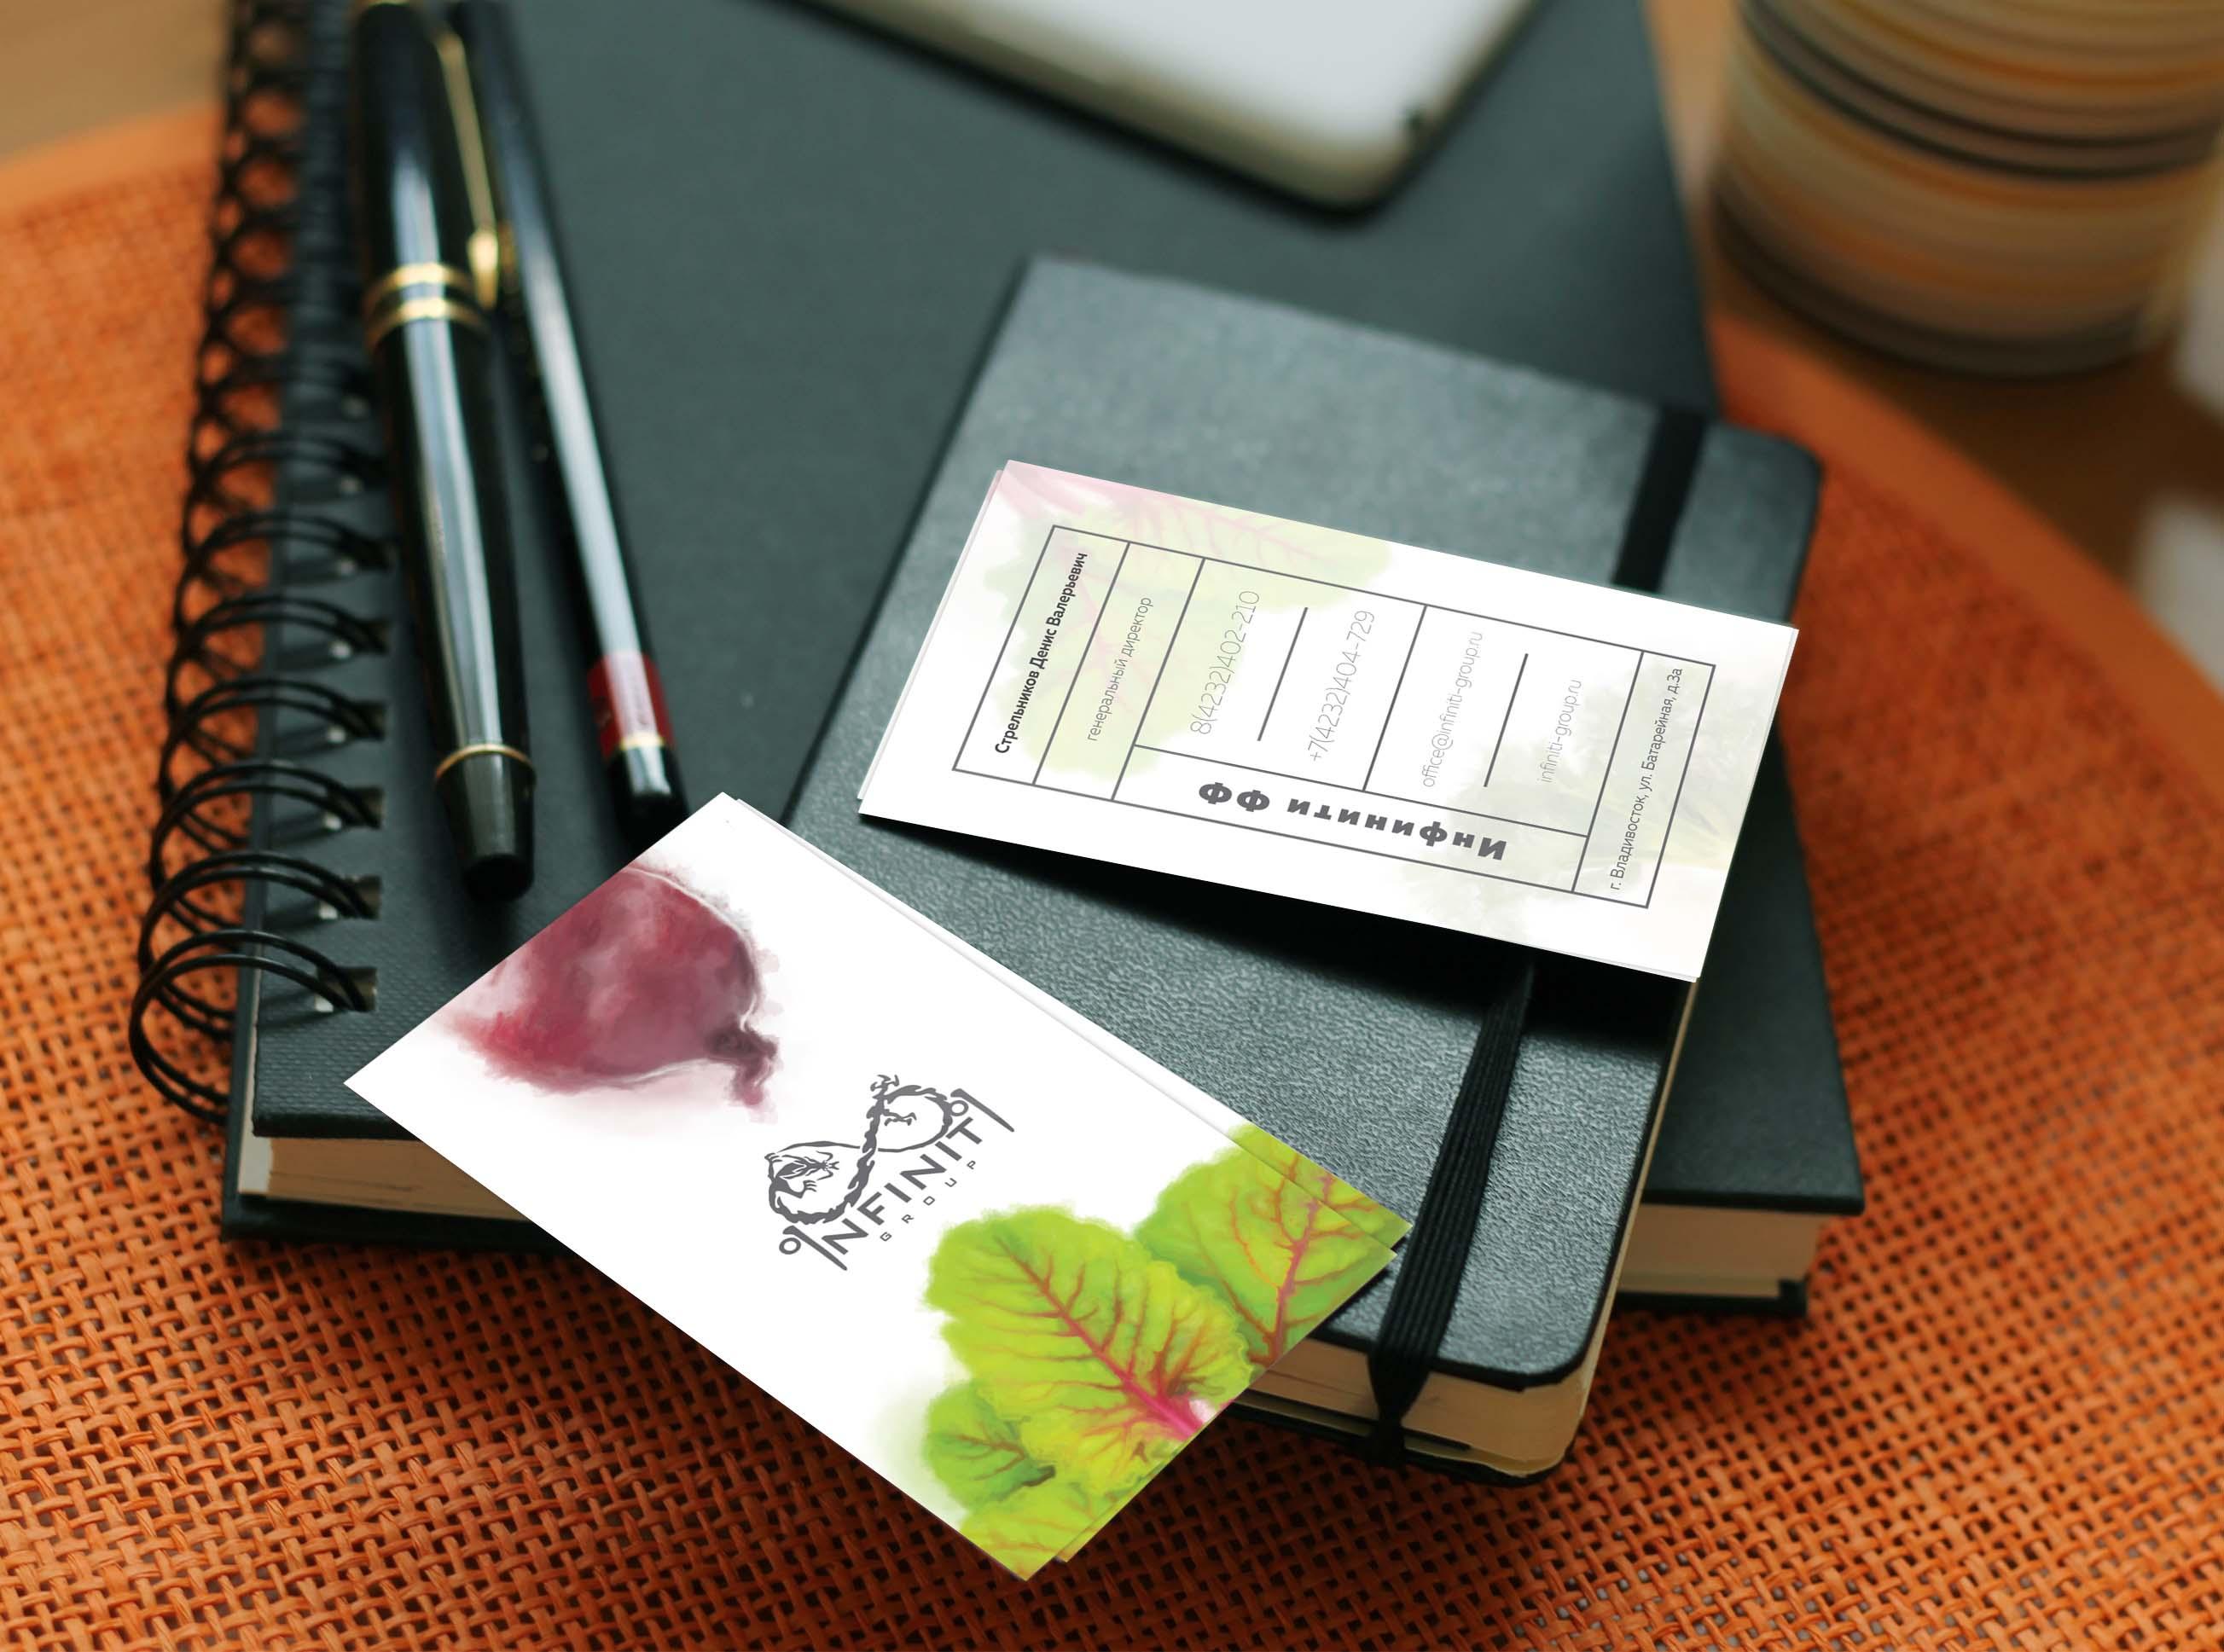 Требуется разработка дизайна визитки и карты доступа и т.п. фото f_43059106194abf99.jpg